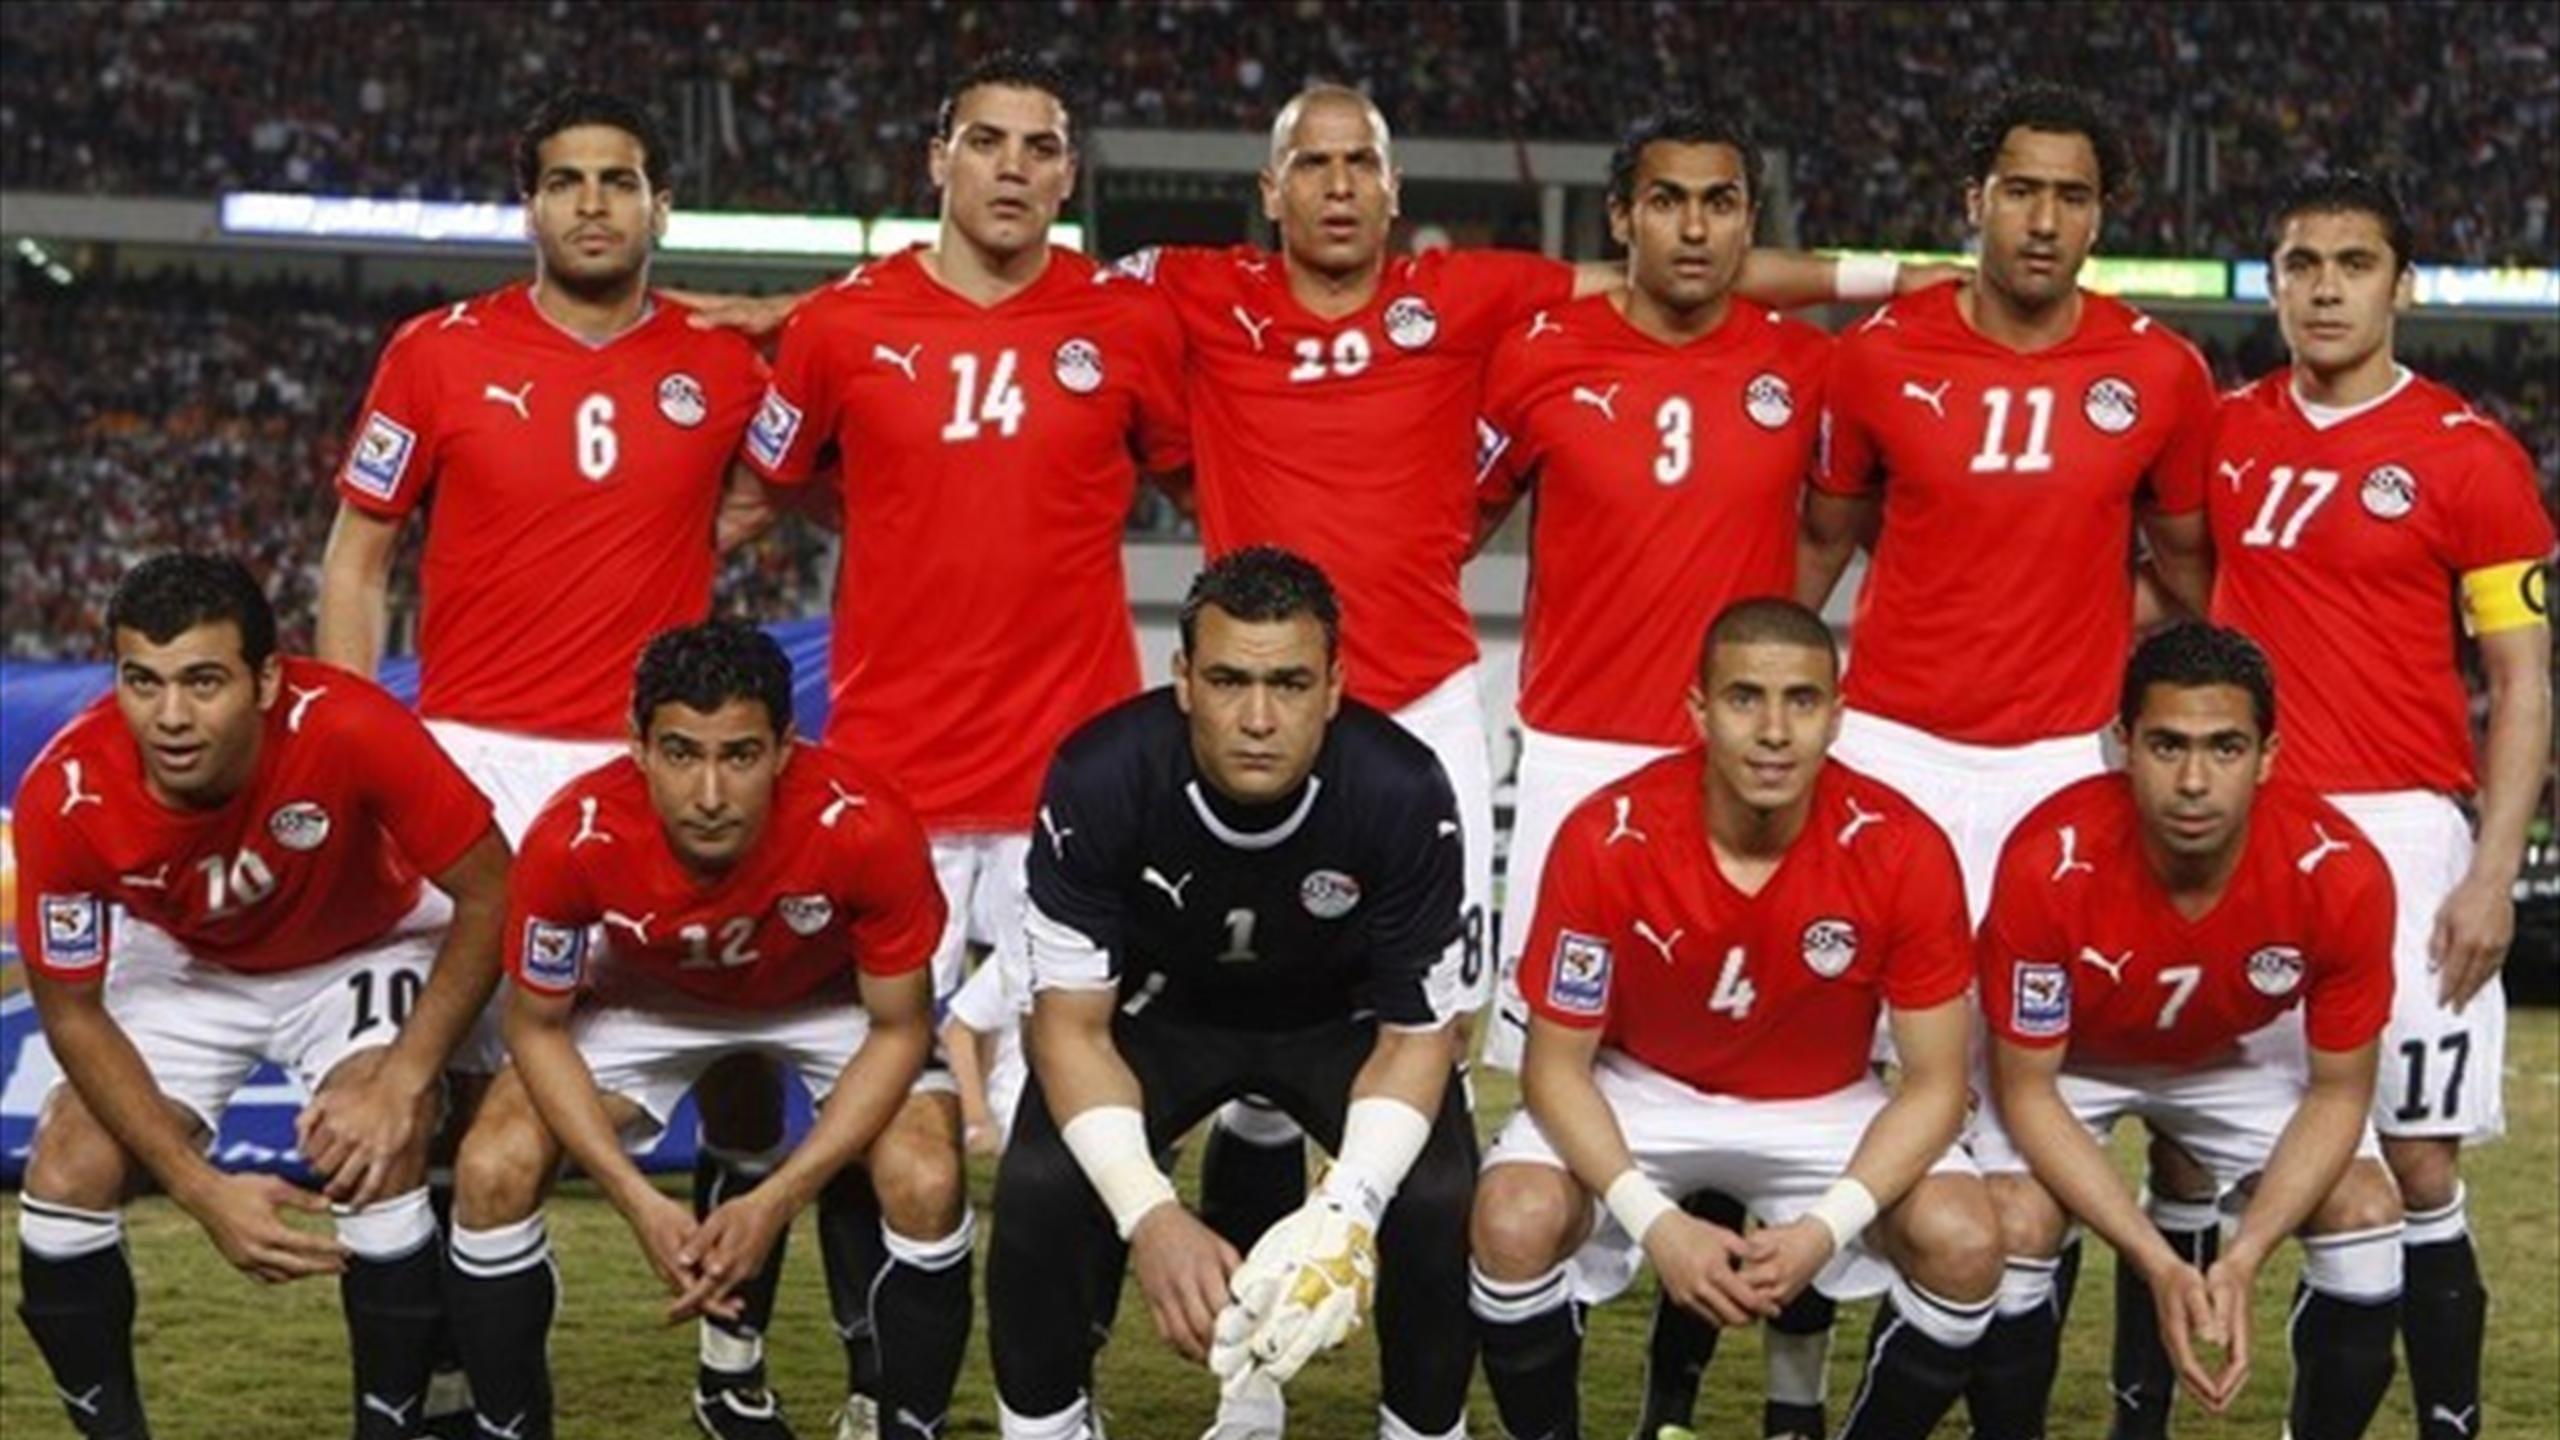 صورة صور النادي الاهلي , القلعة الحمراء اللى حققت اكبر البطولات